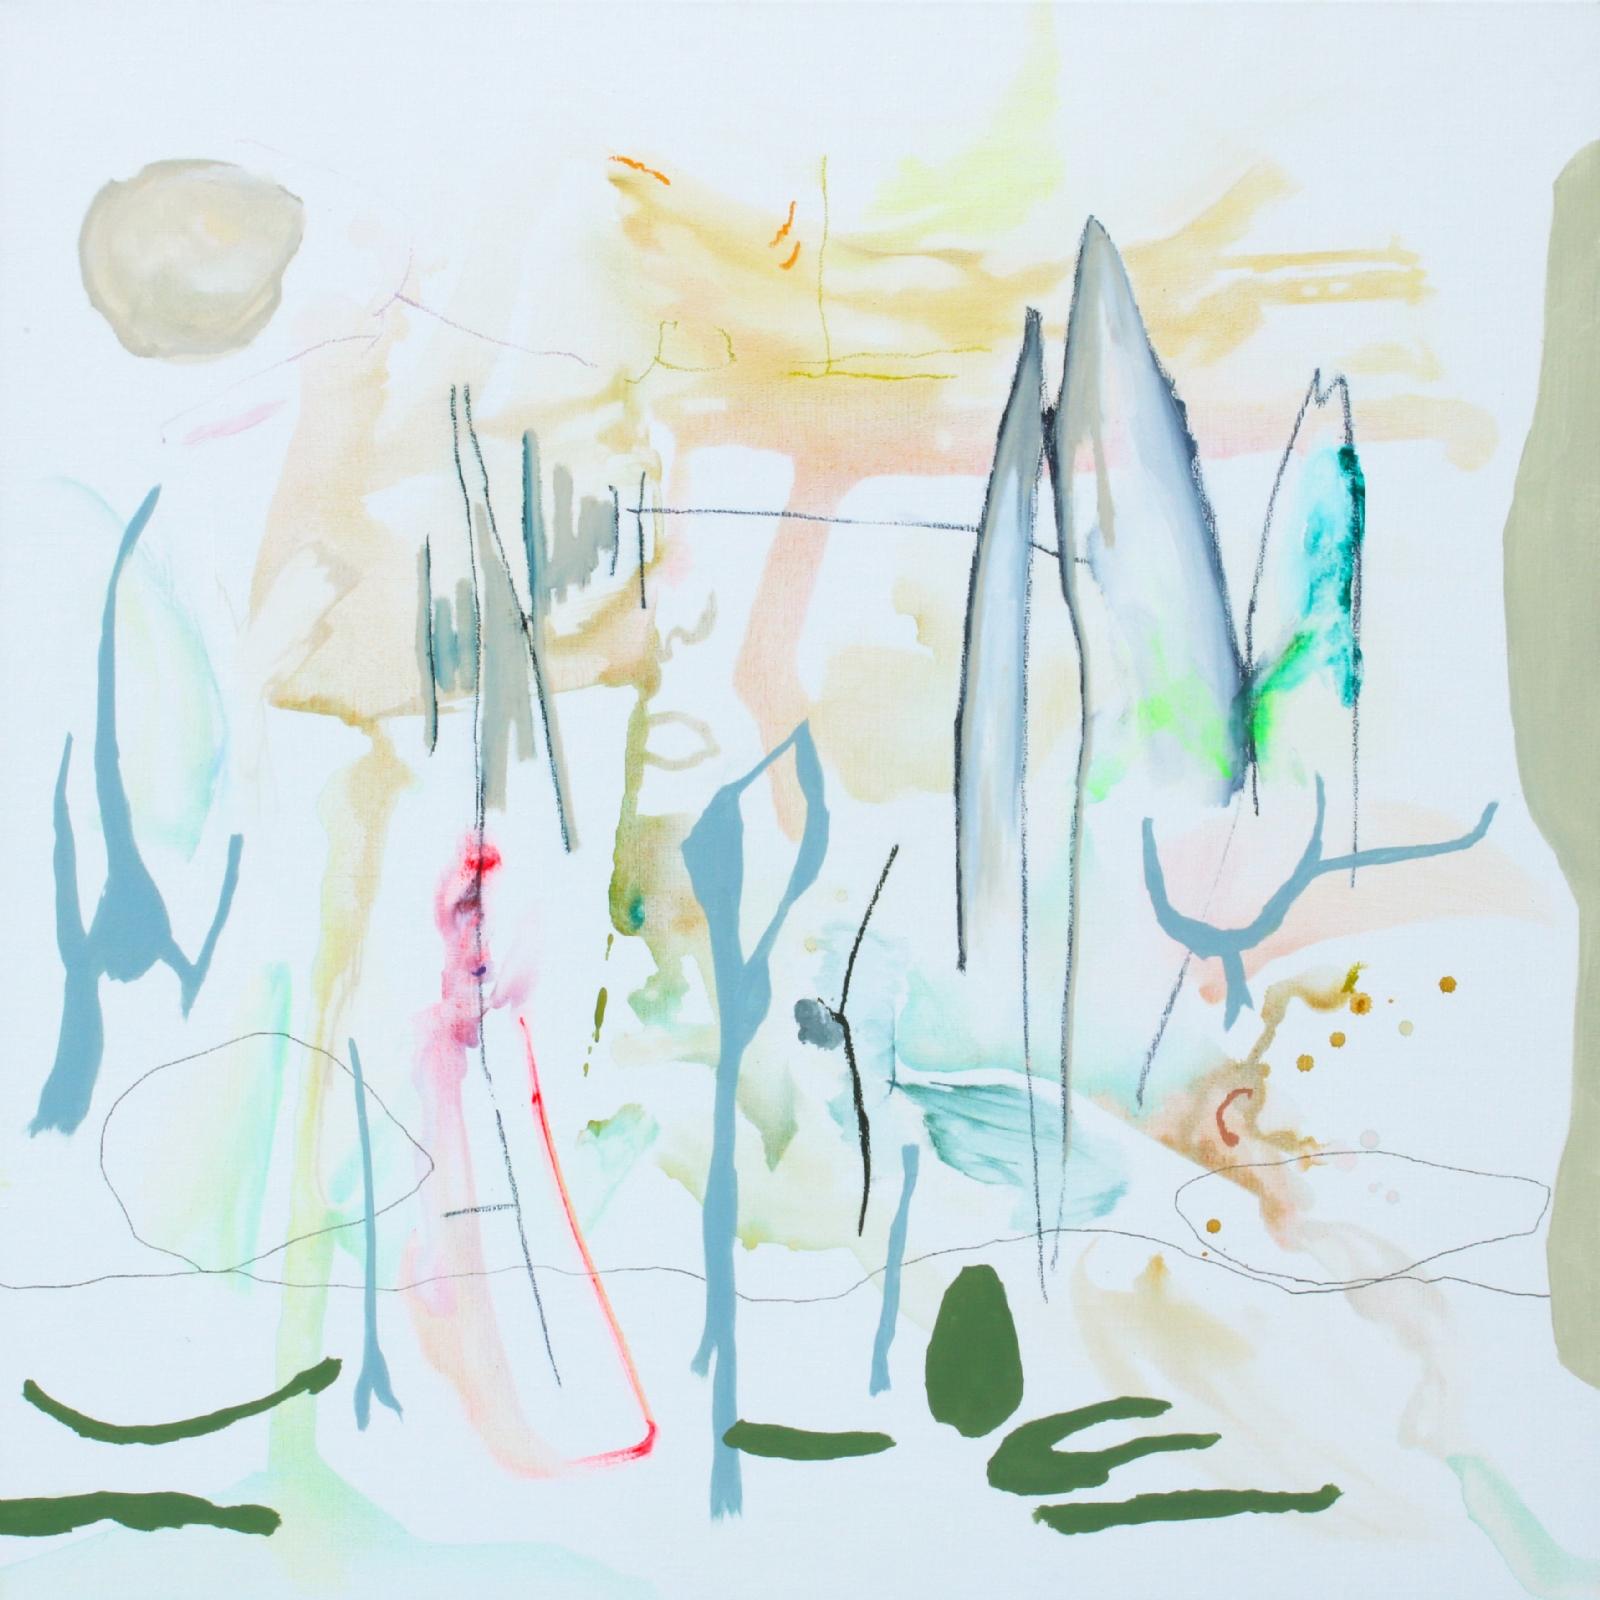 Schilderij #421